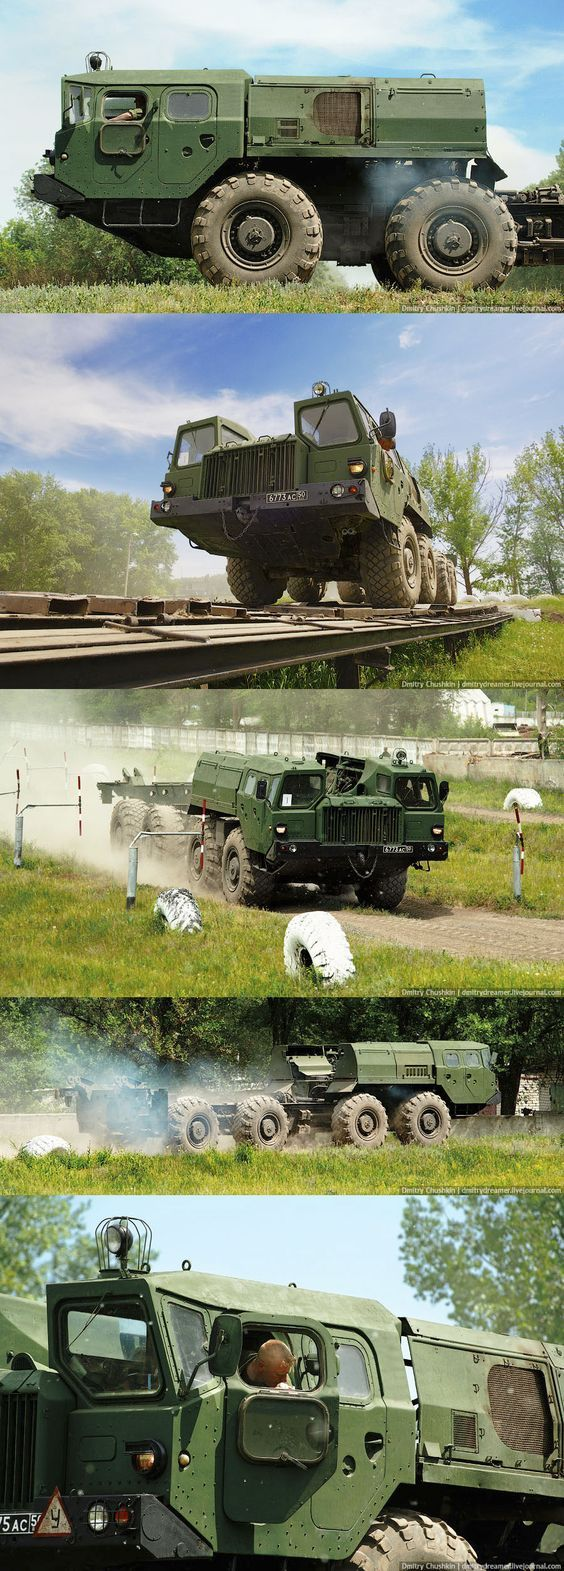 Maz 543 motors pinterest camion militaire - Tracteur tom avion ...